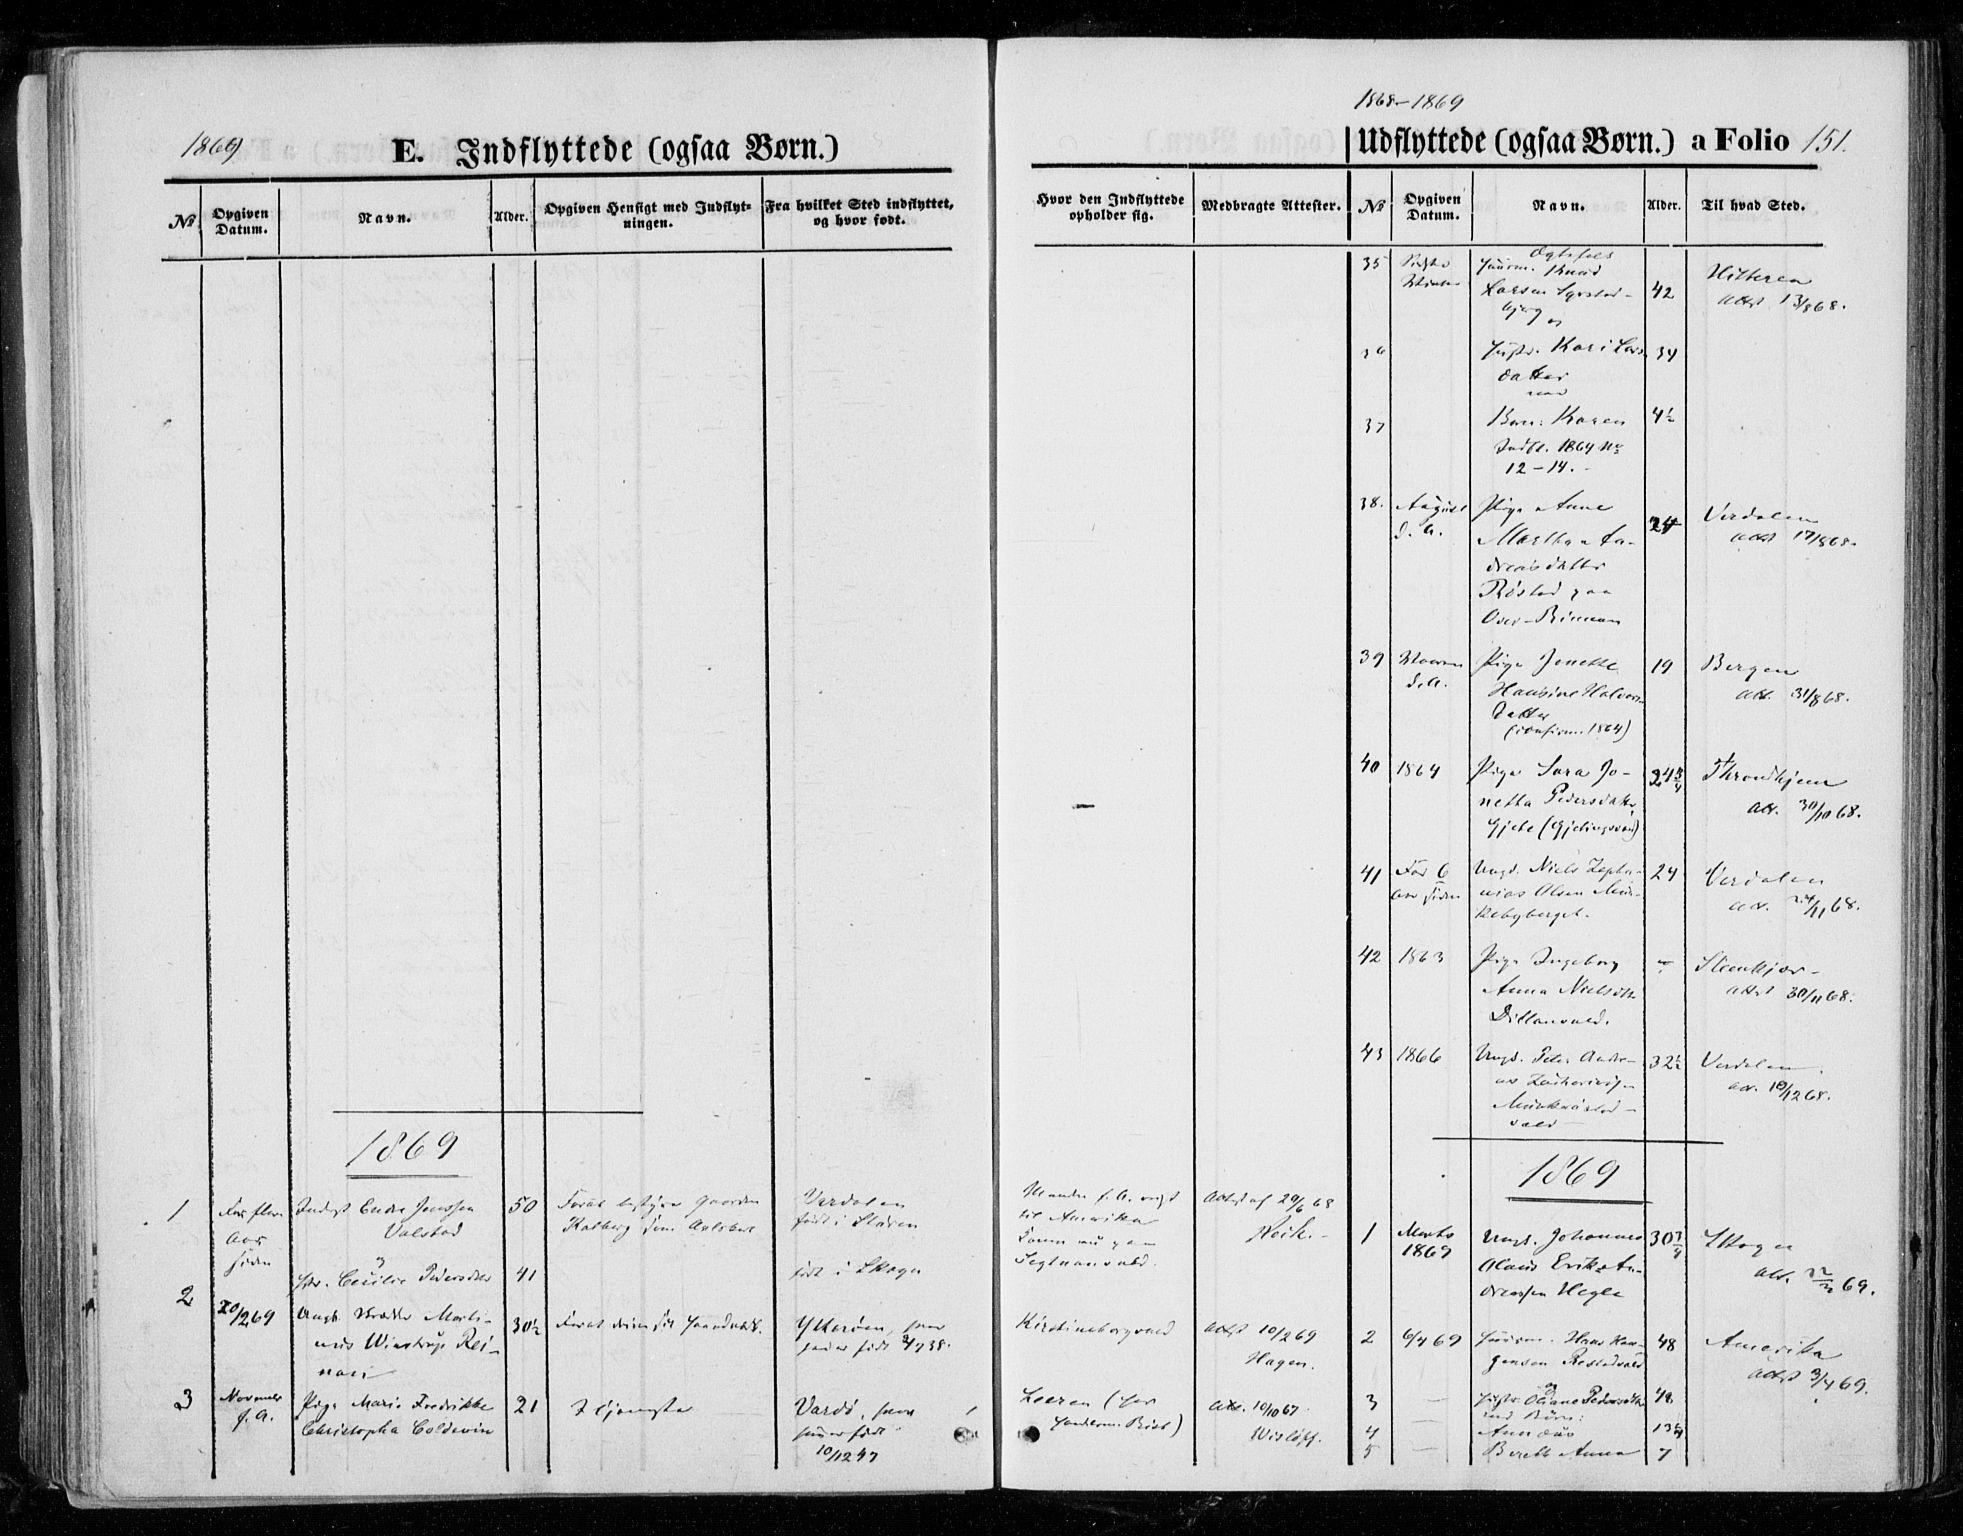 SAT, Ministerialprotokoller, klokkerbøker og fødselsregistre - Nord-Trøndelag, 721/L0206: Ministerialbok nr. 721A01, 1864-1874, s. 151